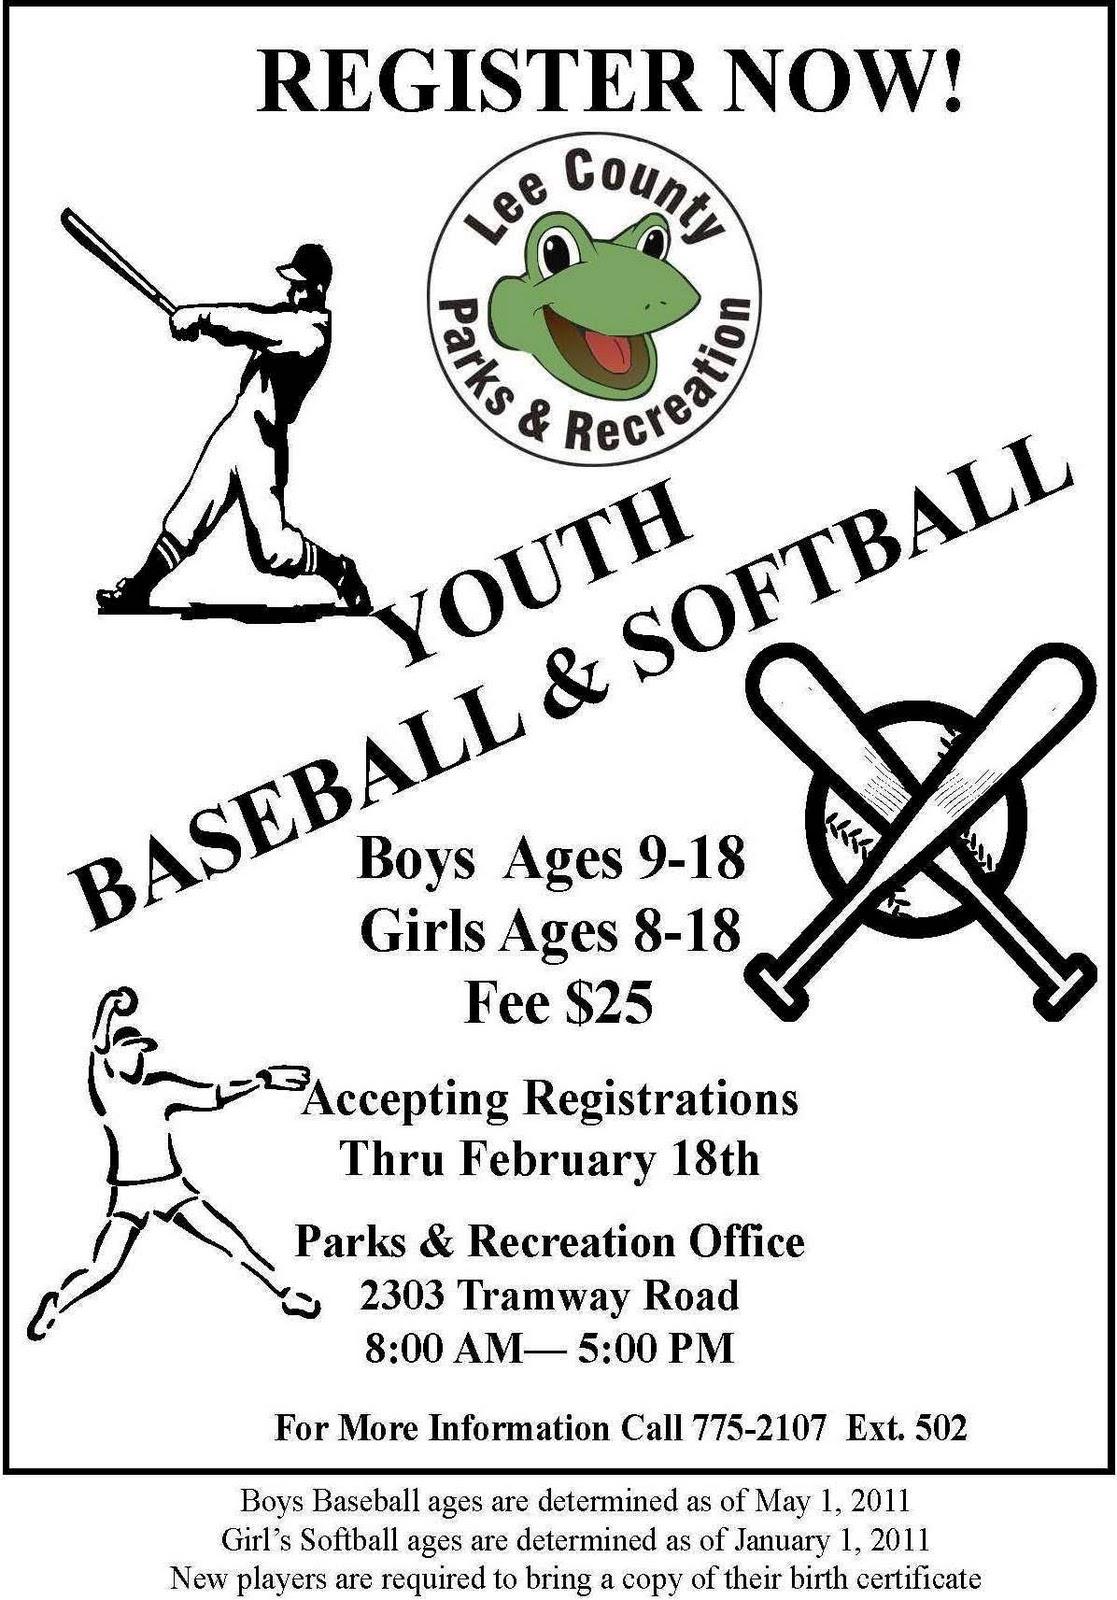 Lee County Government: 2011 Youth Baseball & Softball